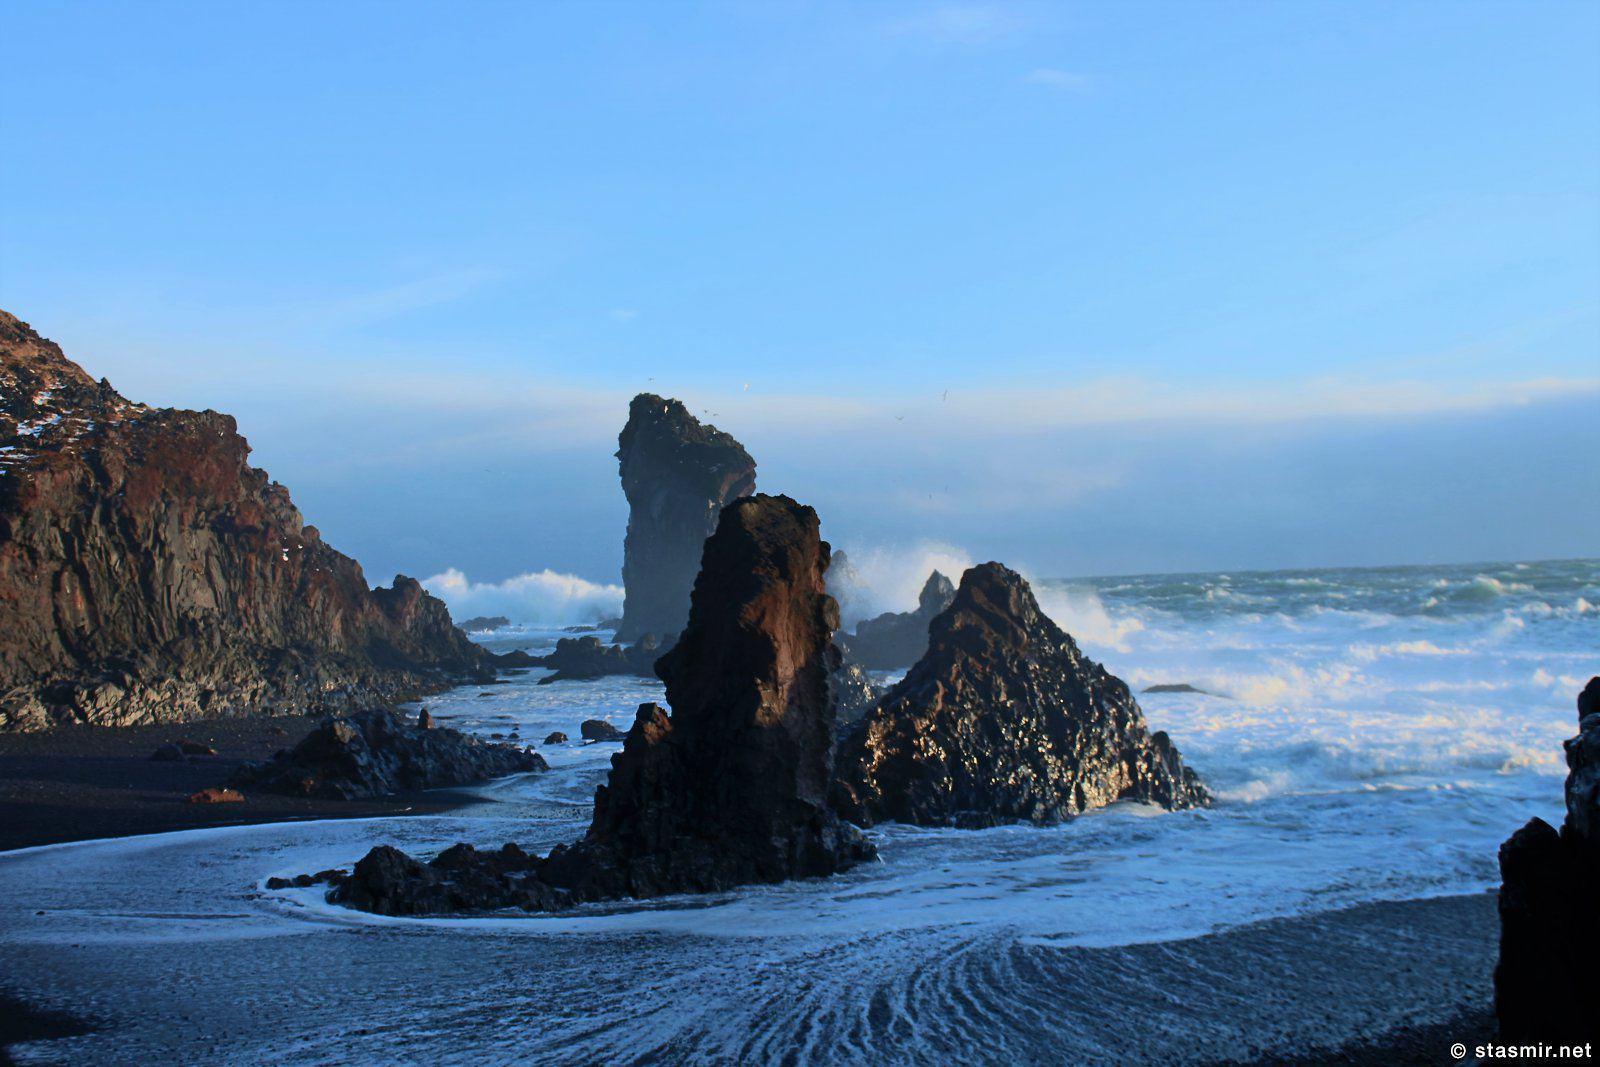 трольчиха, похитившая мешок селедки, Снайфедльснес, Западня Исландия, фото Стасмир, photo Stasmir